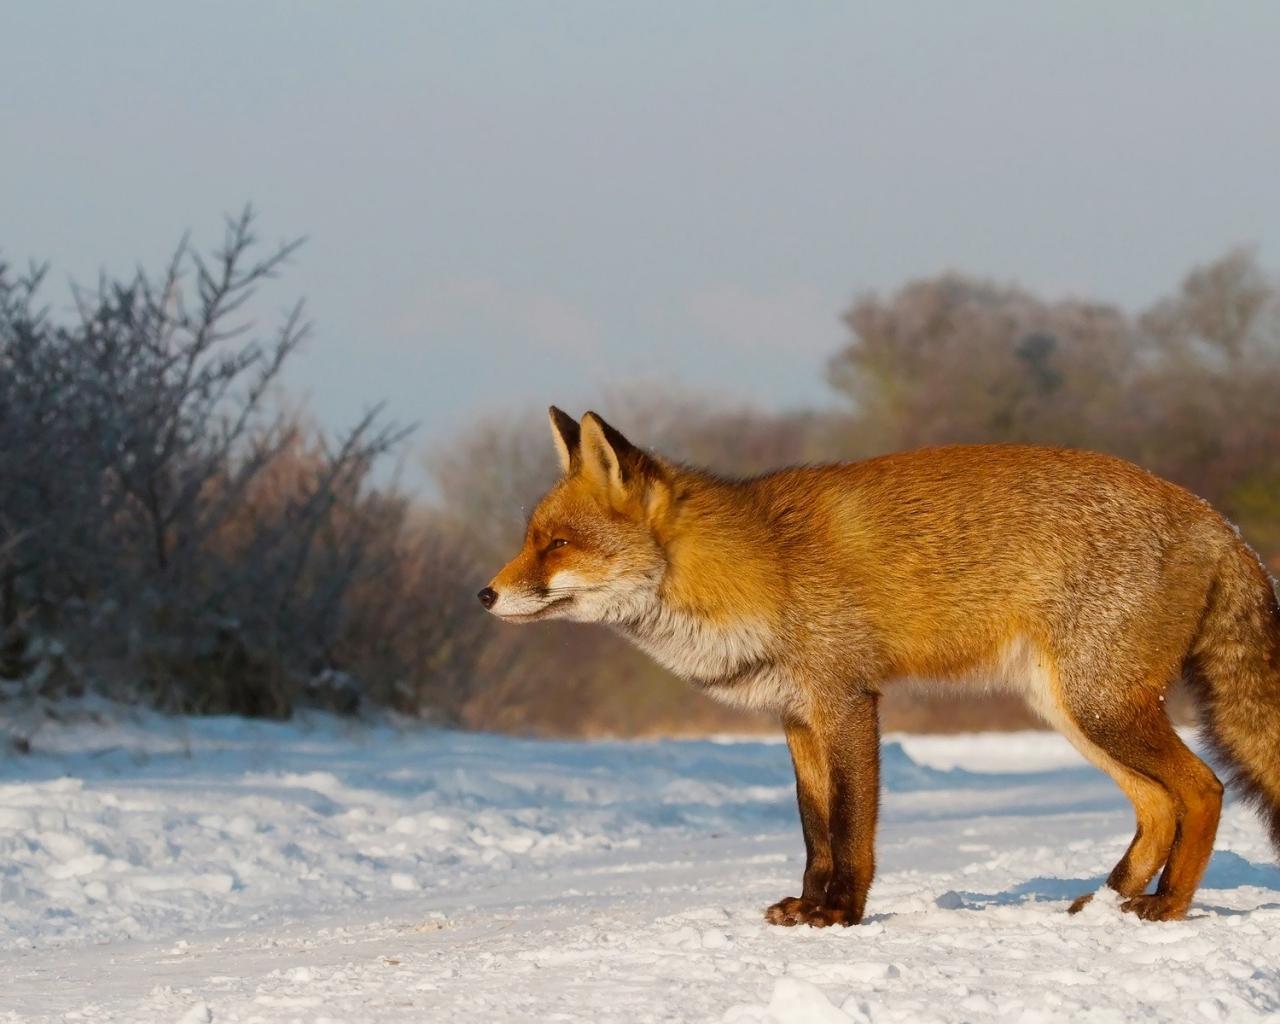 Un zorro en las nieves - 1280x1024